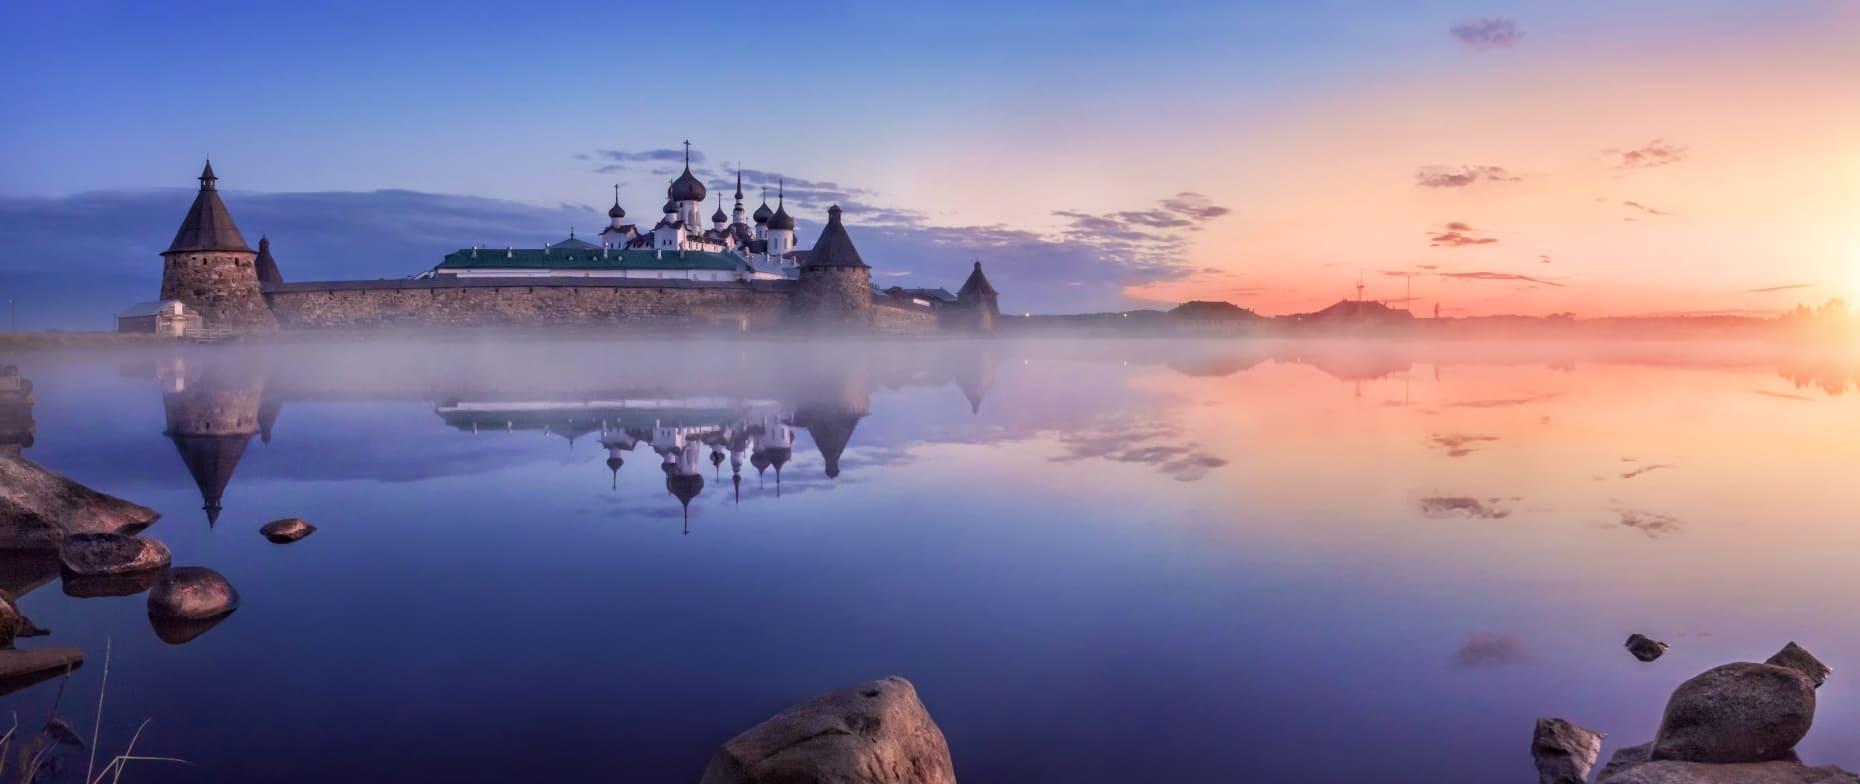 Паломническая поездка на Соловецкие острова из СПб